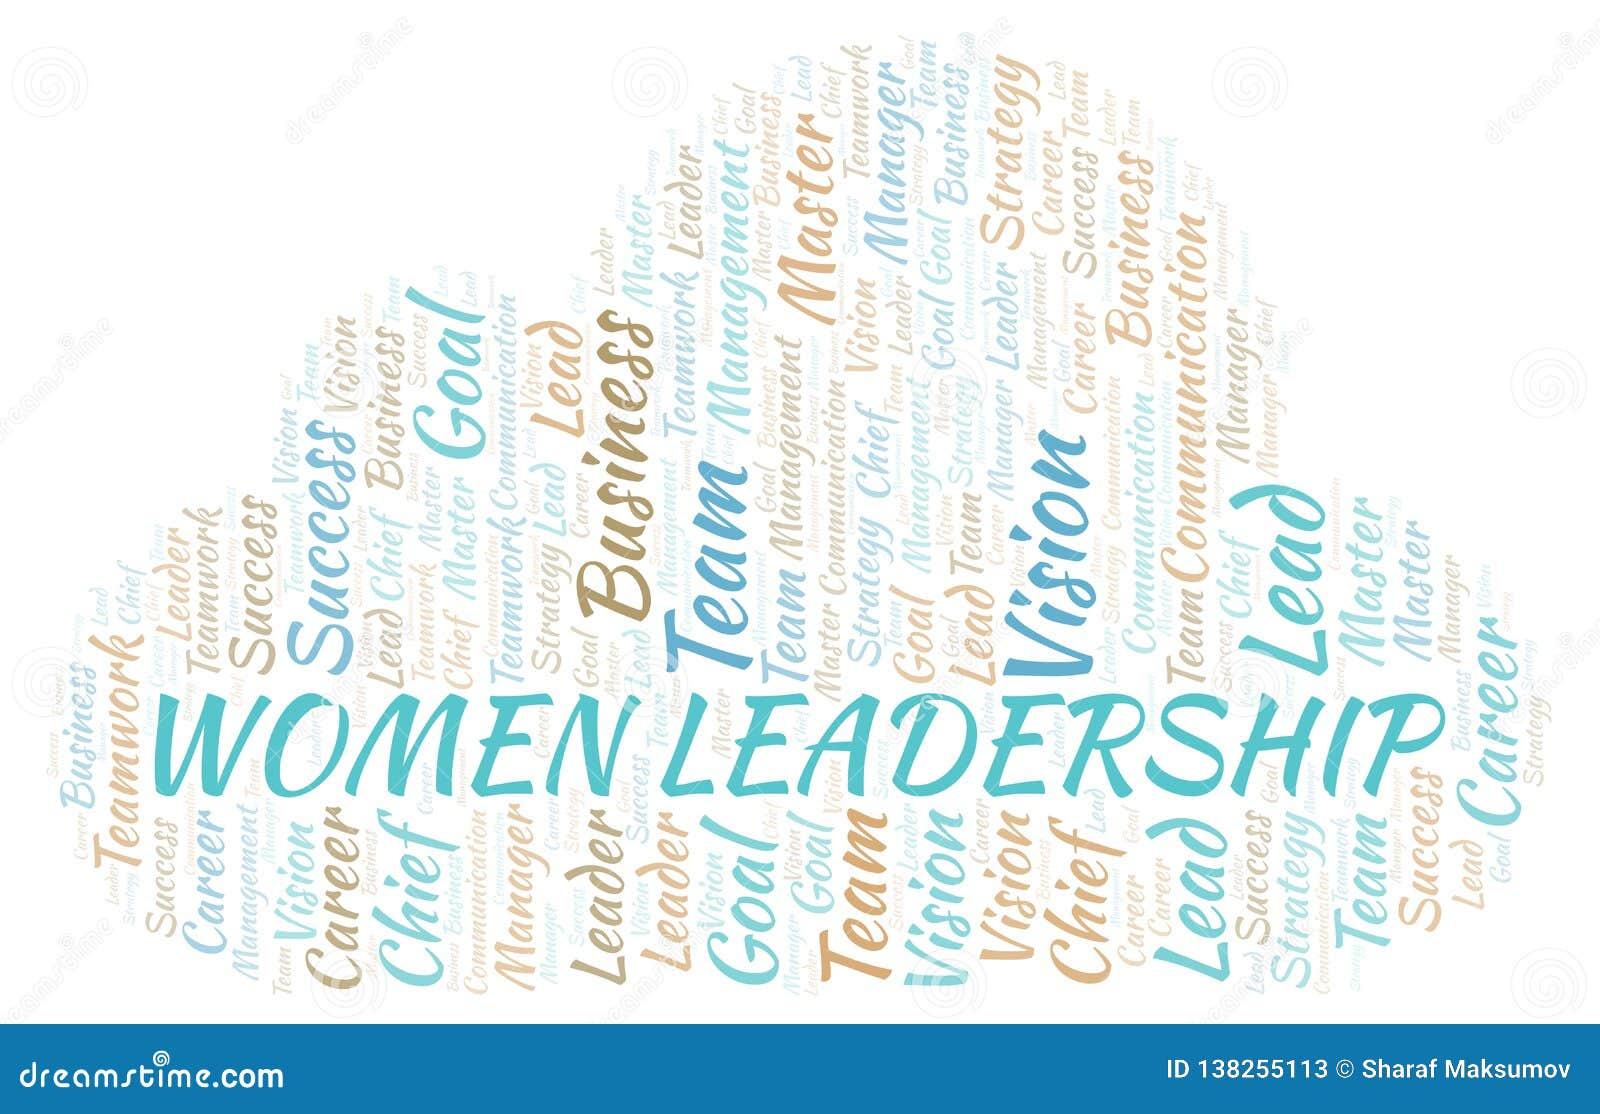 Облако слова руководства женщин